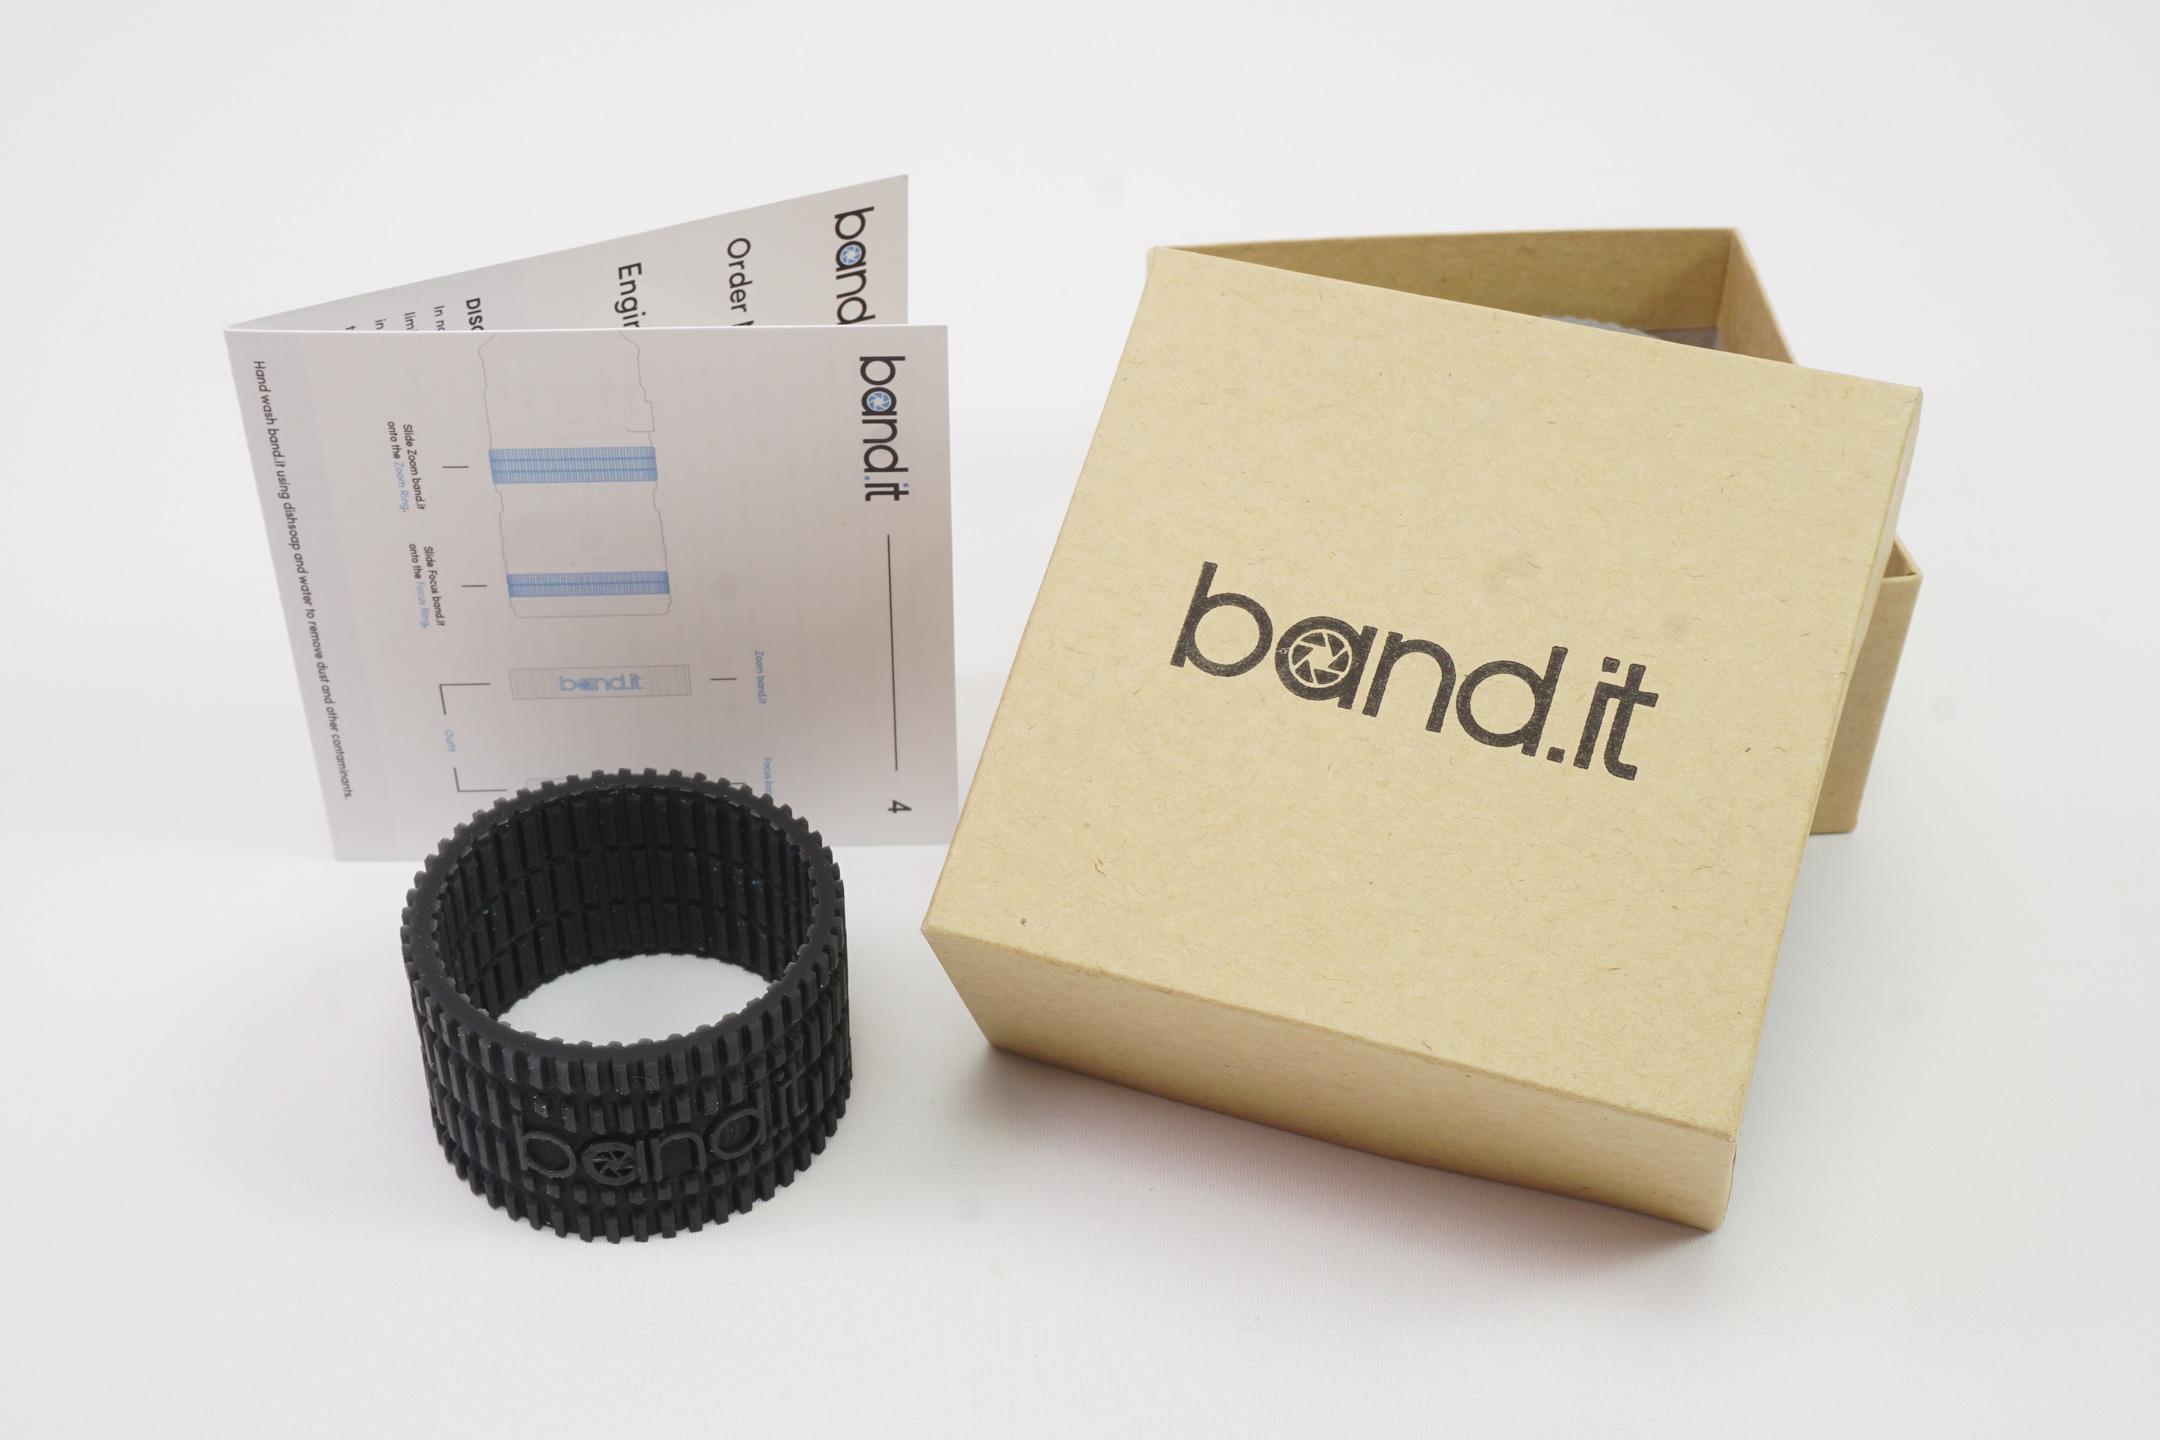 bandit-package.jpg